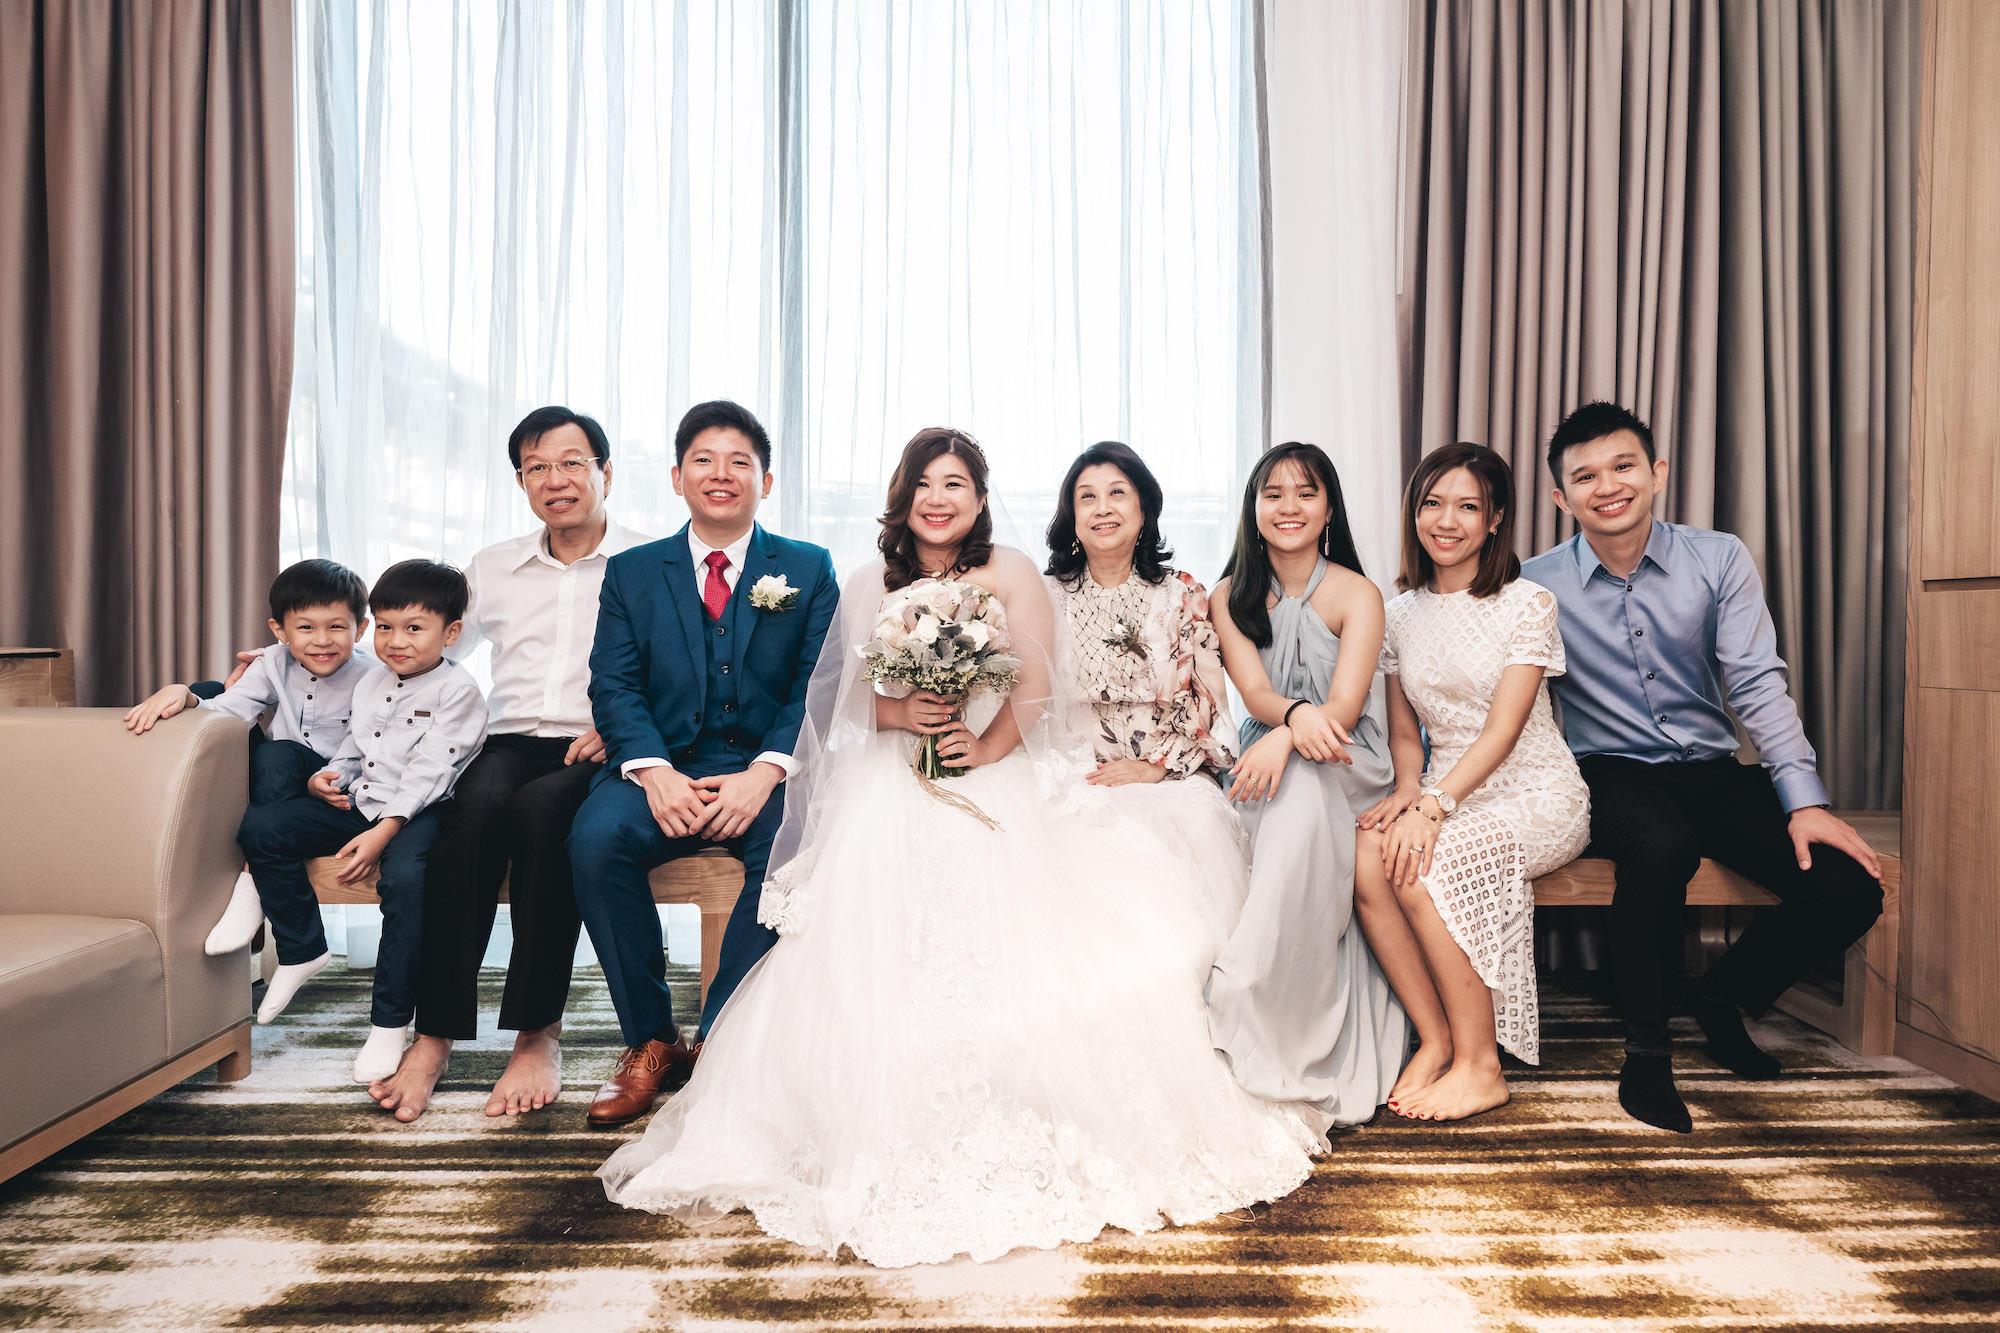 20190223_Amanda and Qinwei (35 of 72).jpg